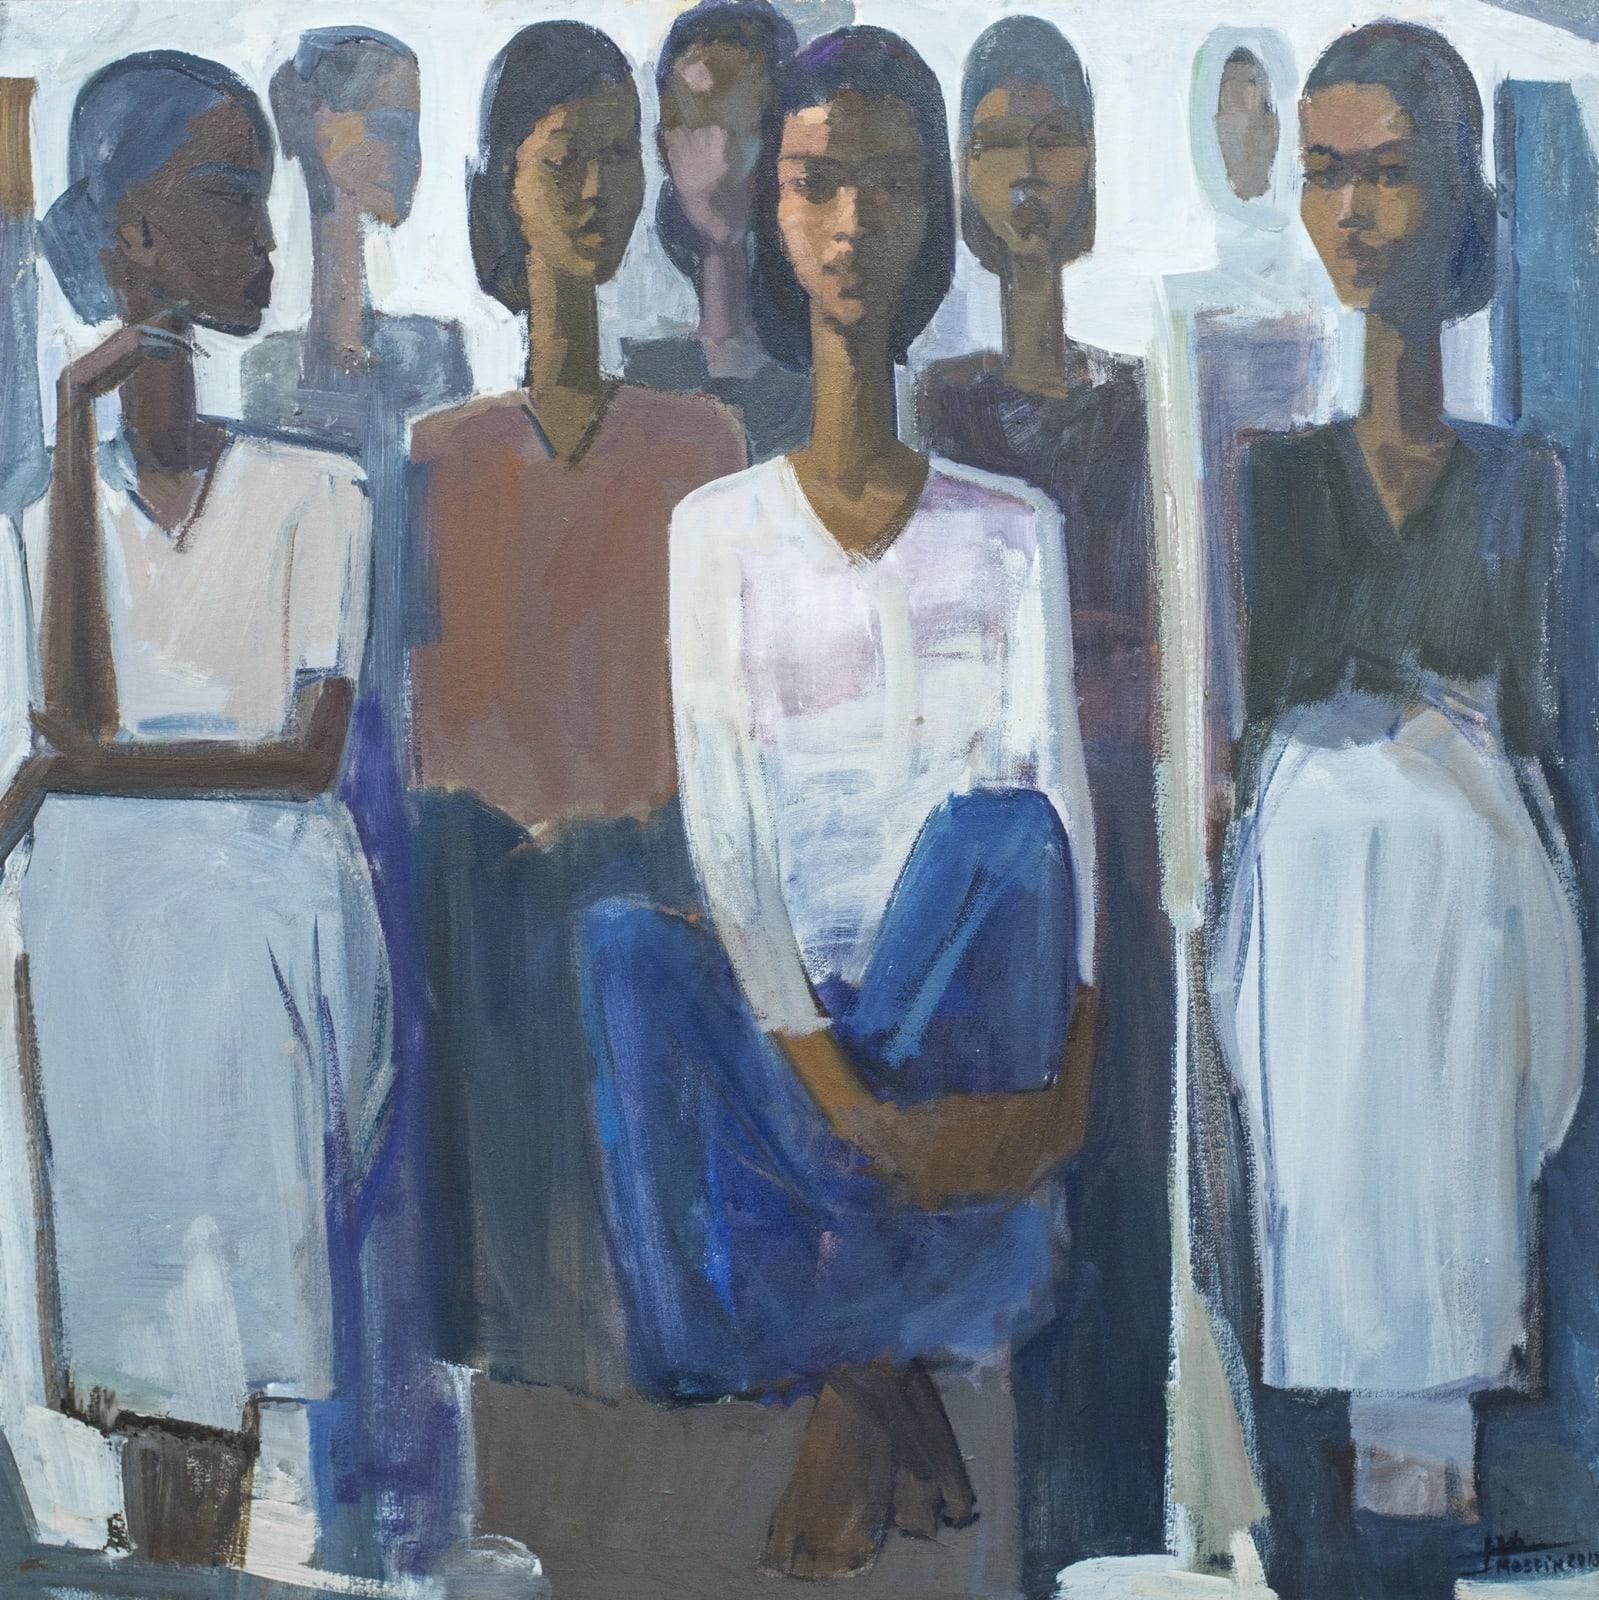 Tadesse Mesfin, Pillars of Life: Waiting, 2018